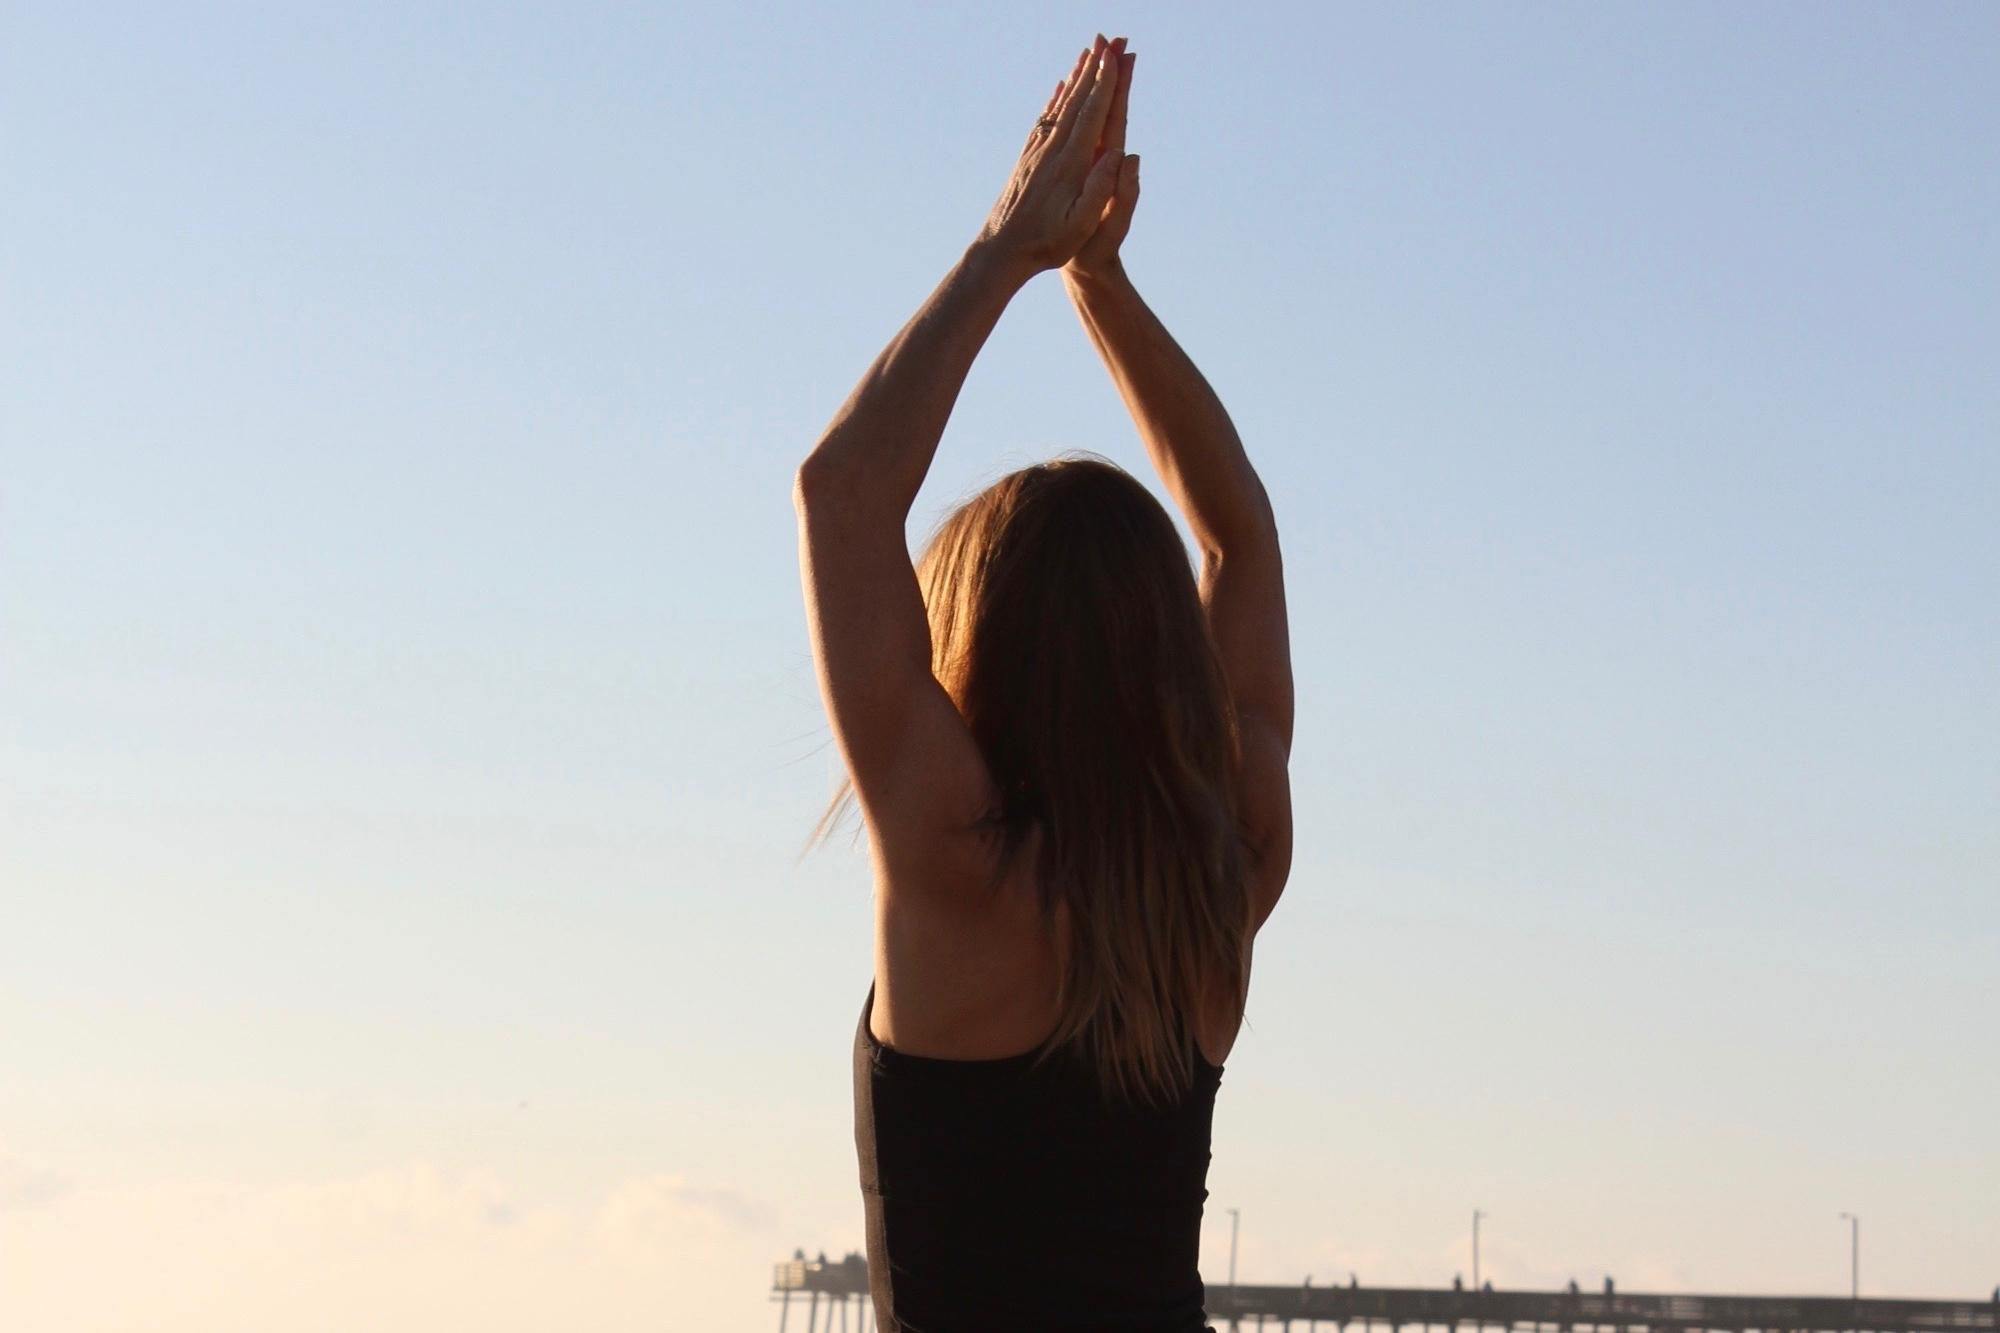 Tina - Balanced ACEYogafit® Instructor